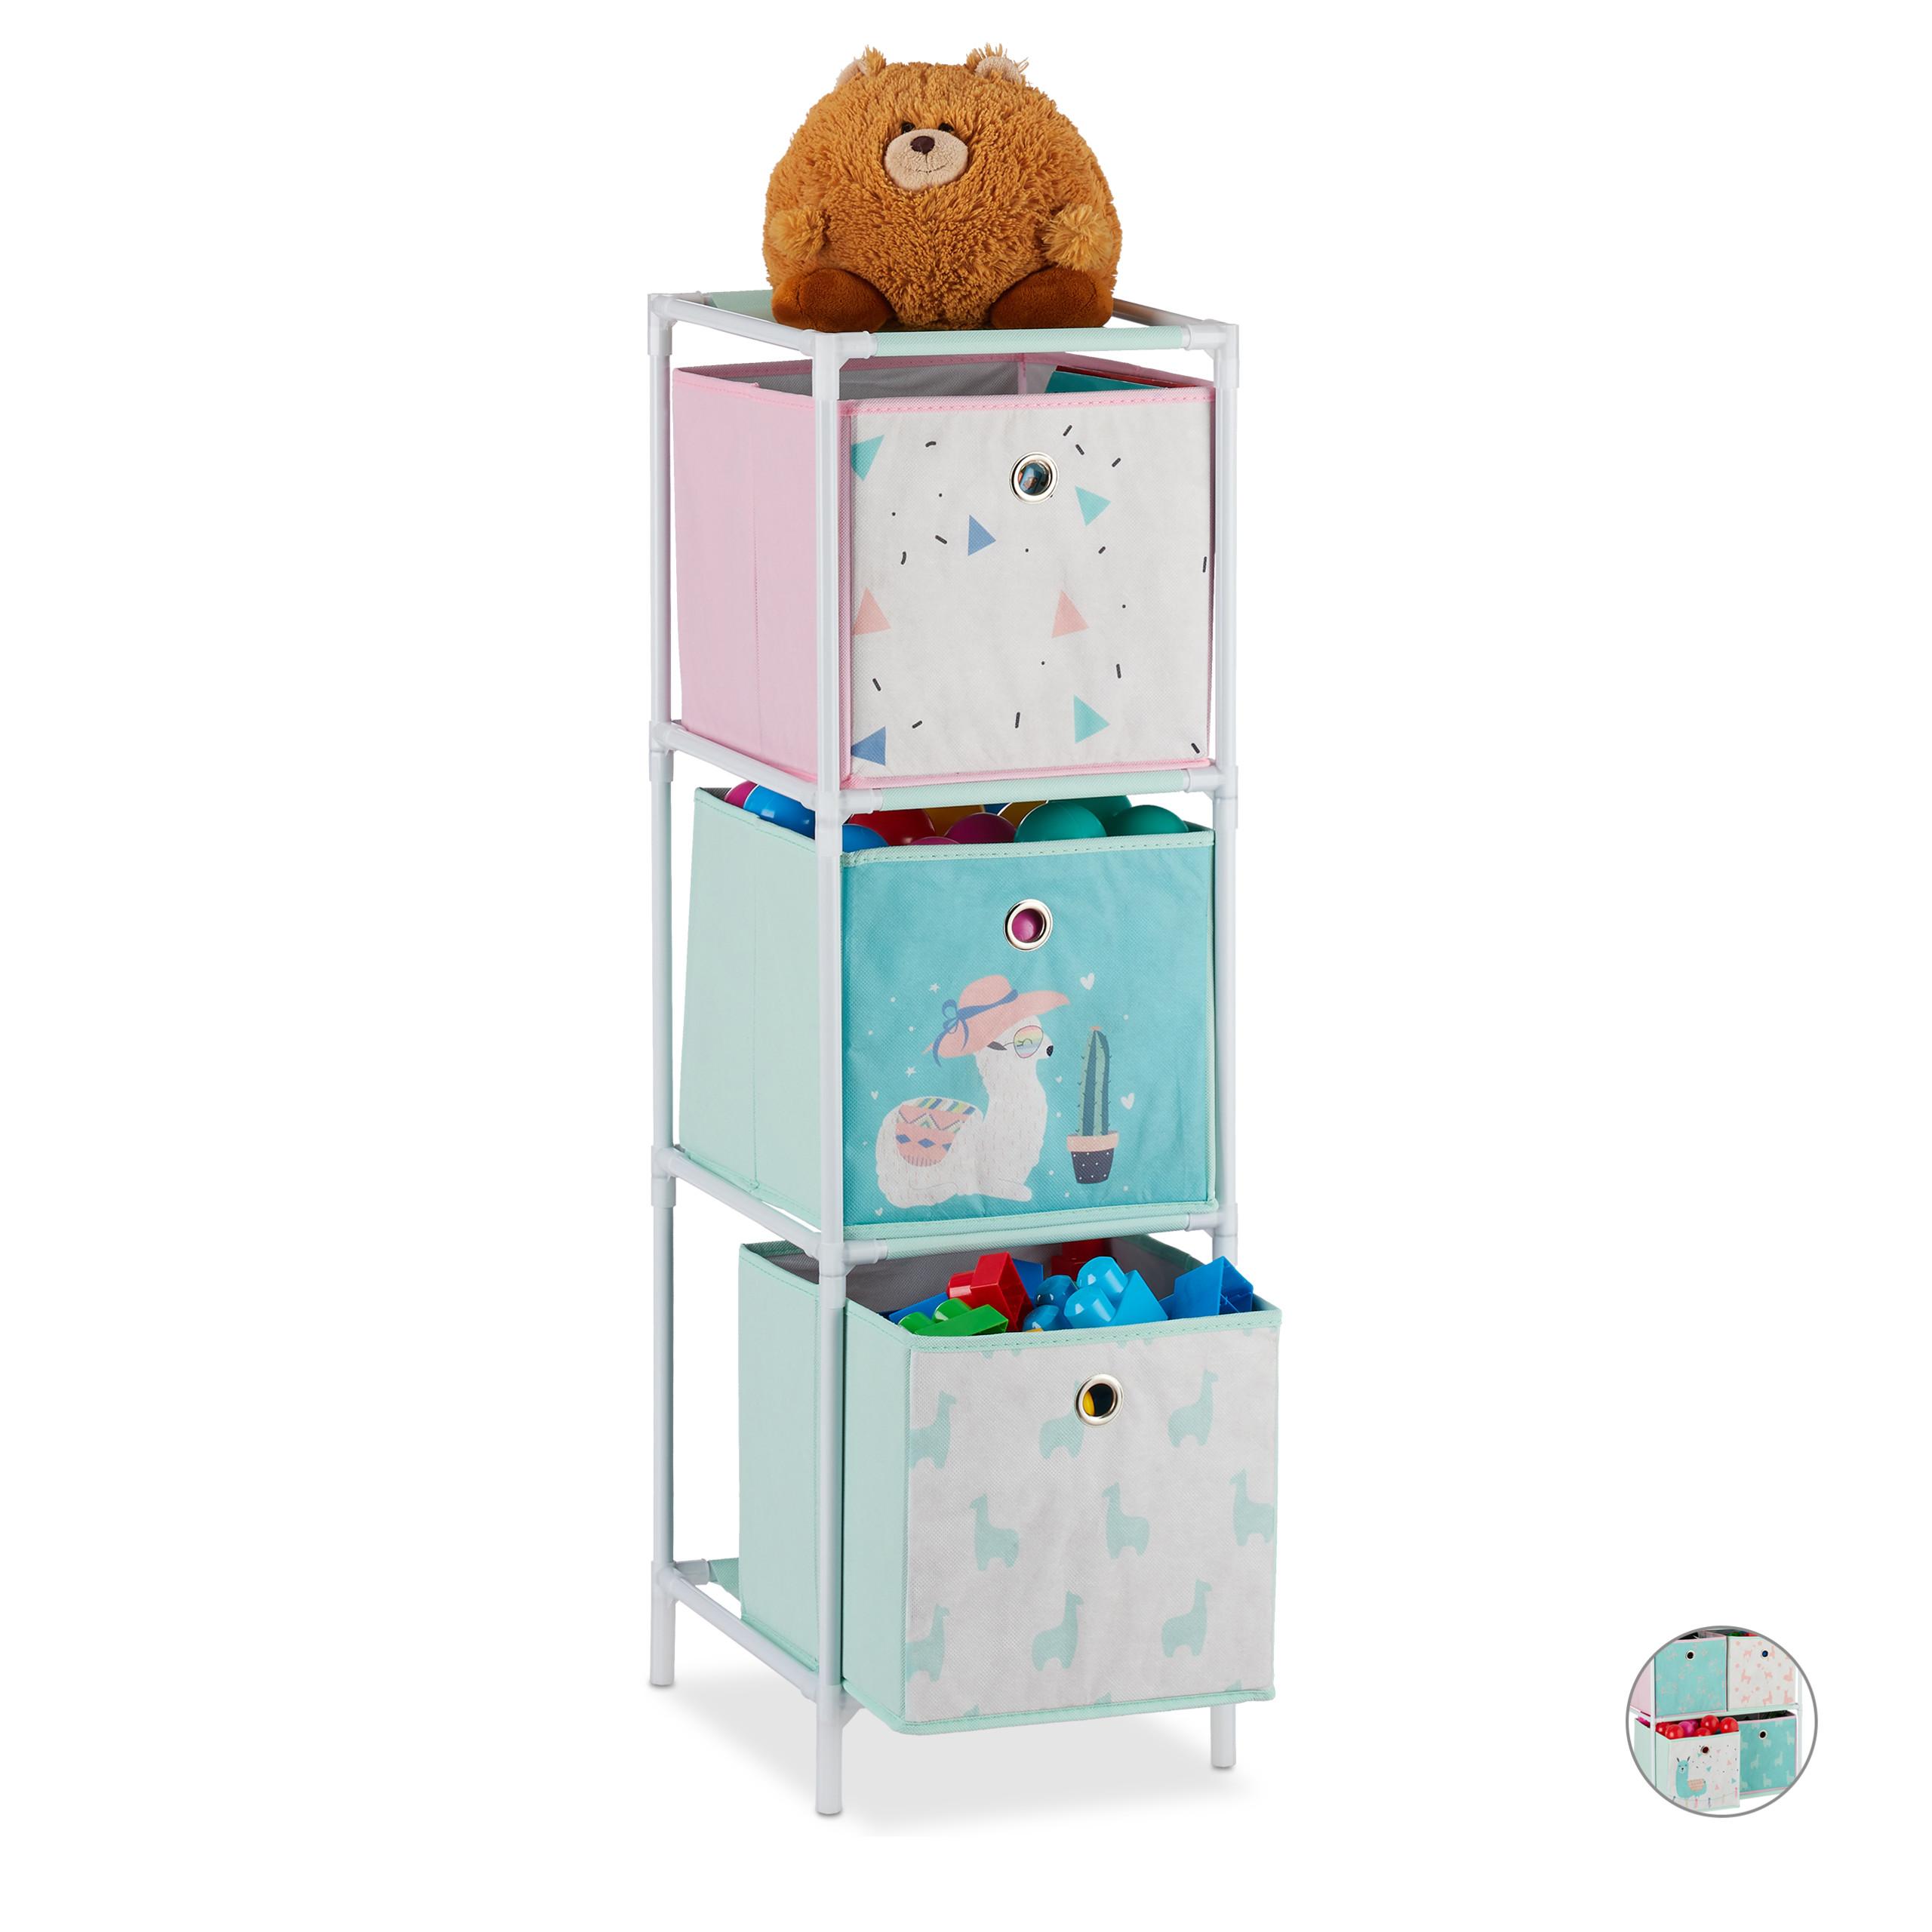 Full Size of Kinderregal Mit Boxen Regale Kinderzimmer Regal Weiß Sofa Kinderzimmer Aufbewahrungsboxen Kinderzimmer